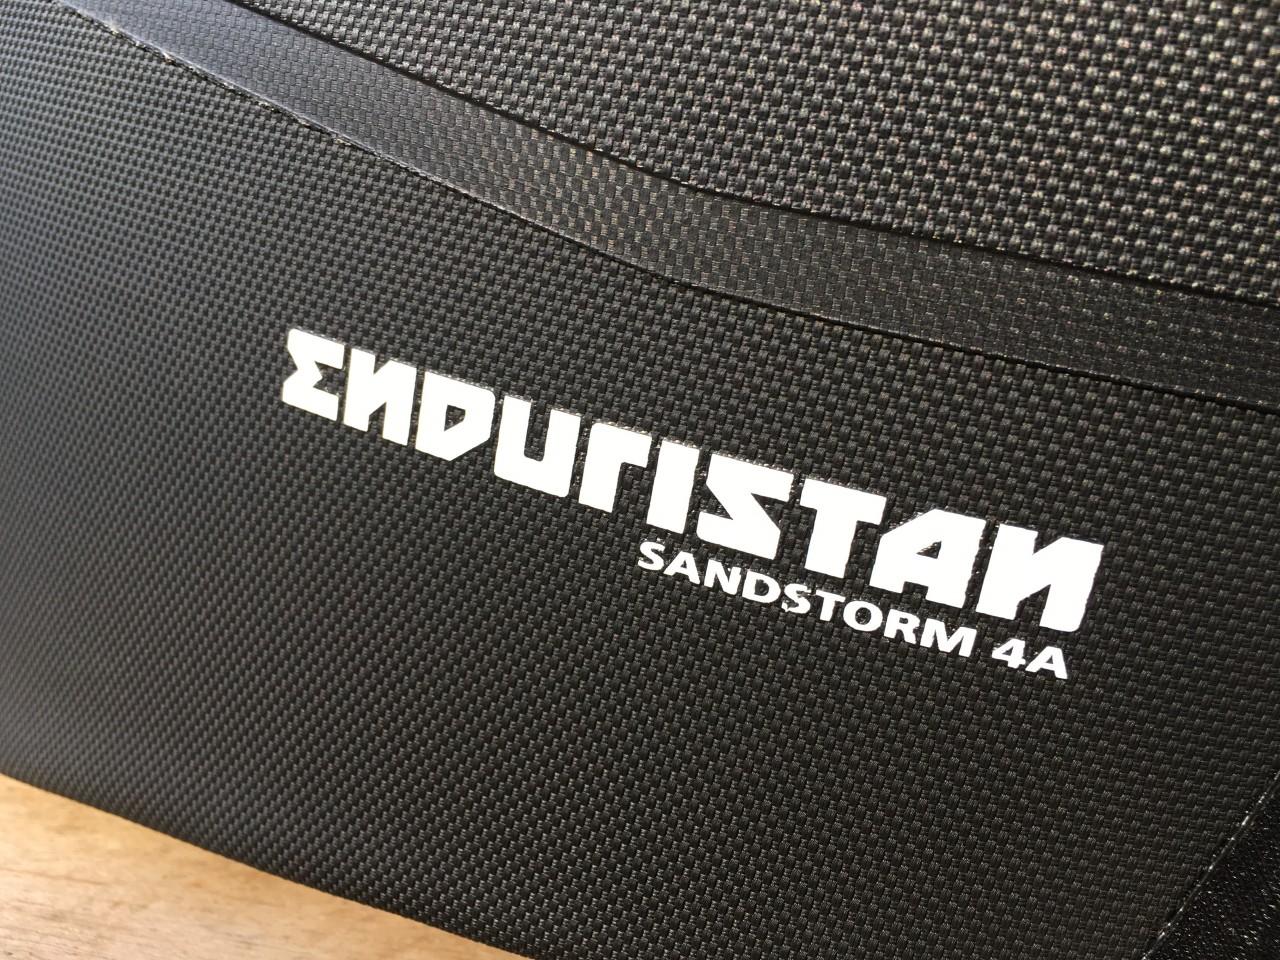 Enduristan SandStorm 4A : Le tanker à toute épreuve ?